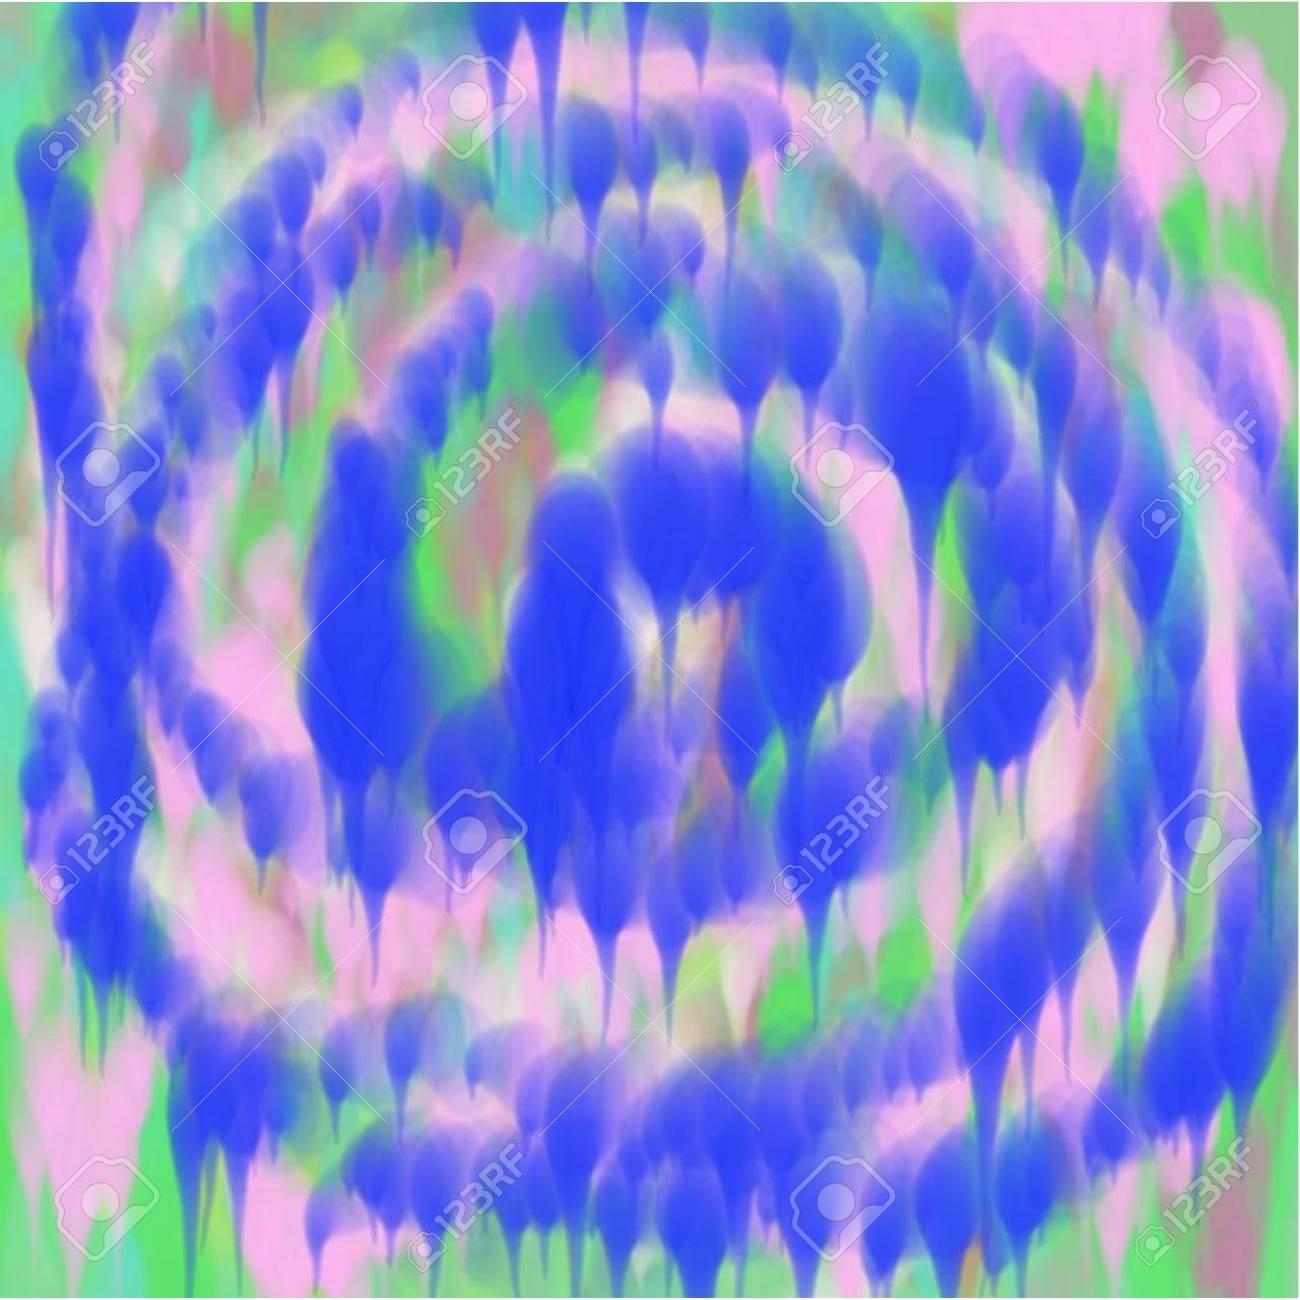 Vettoriale Astratto Blu E Grigio E Verde E Rosa Sfondo Di Vernice